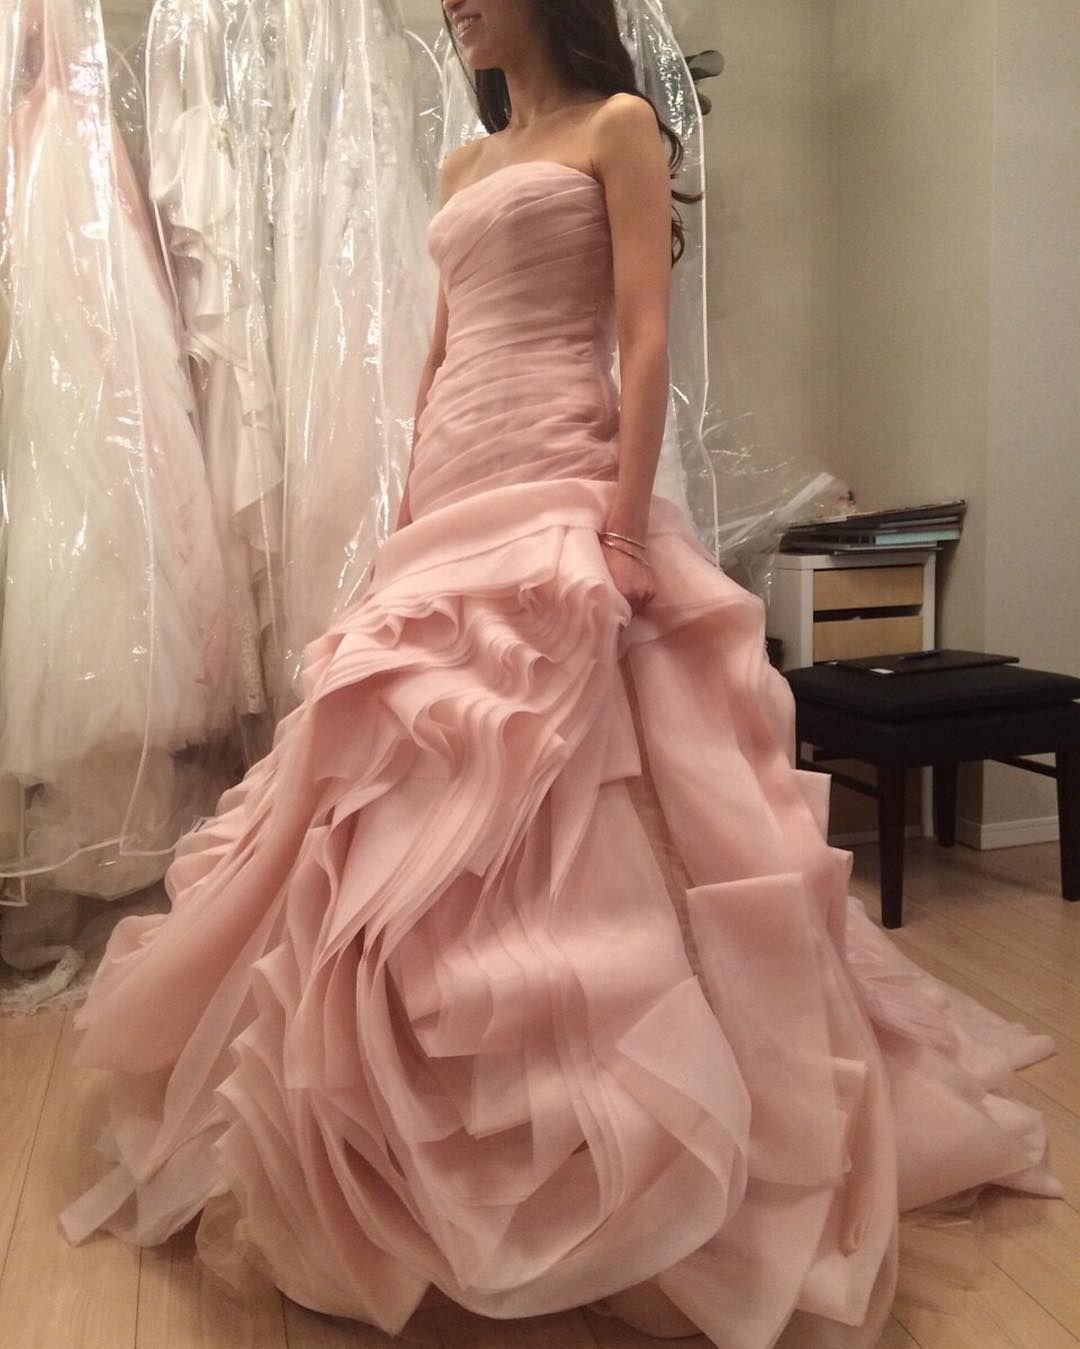 ピンクブラッシュ ずっと着てみたくて 知り合いのところにたまたたあって興奮して試着させていただいたのですが 似合わないー  #whitebyverawang  #ホワイトバイヴェラウォン  #ピンクブラッシュ  #weddingdress  #wedding by a_riiii.wedding